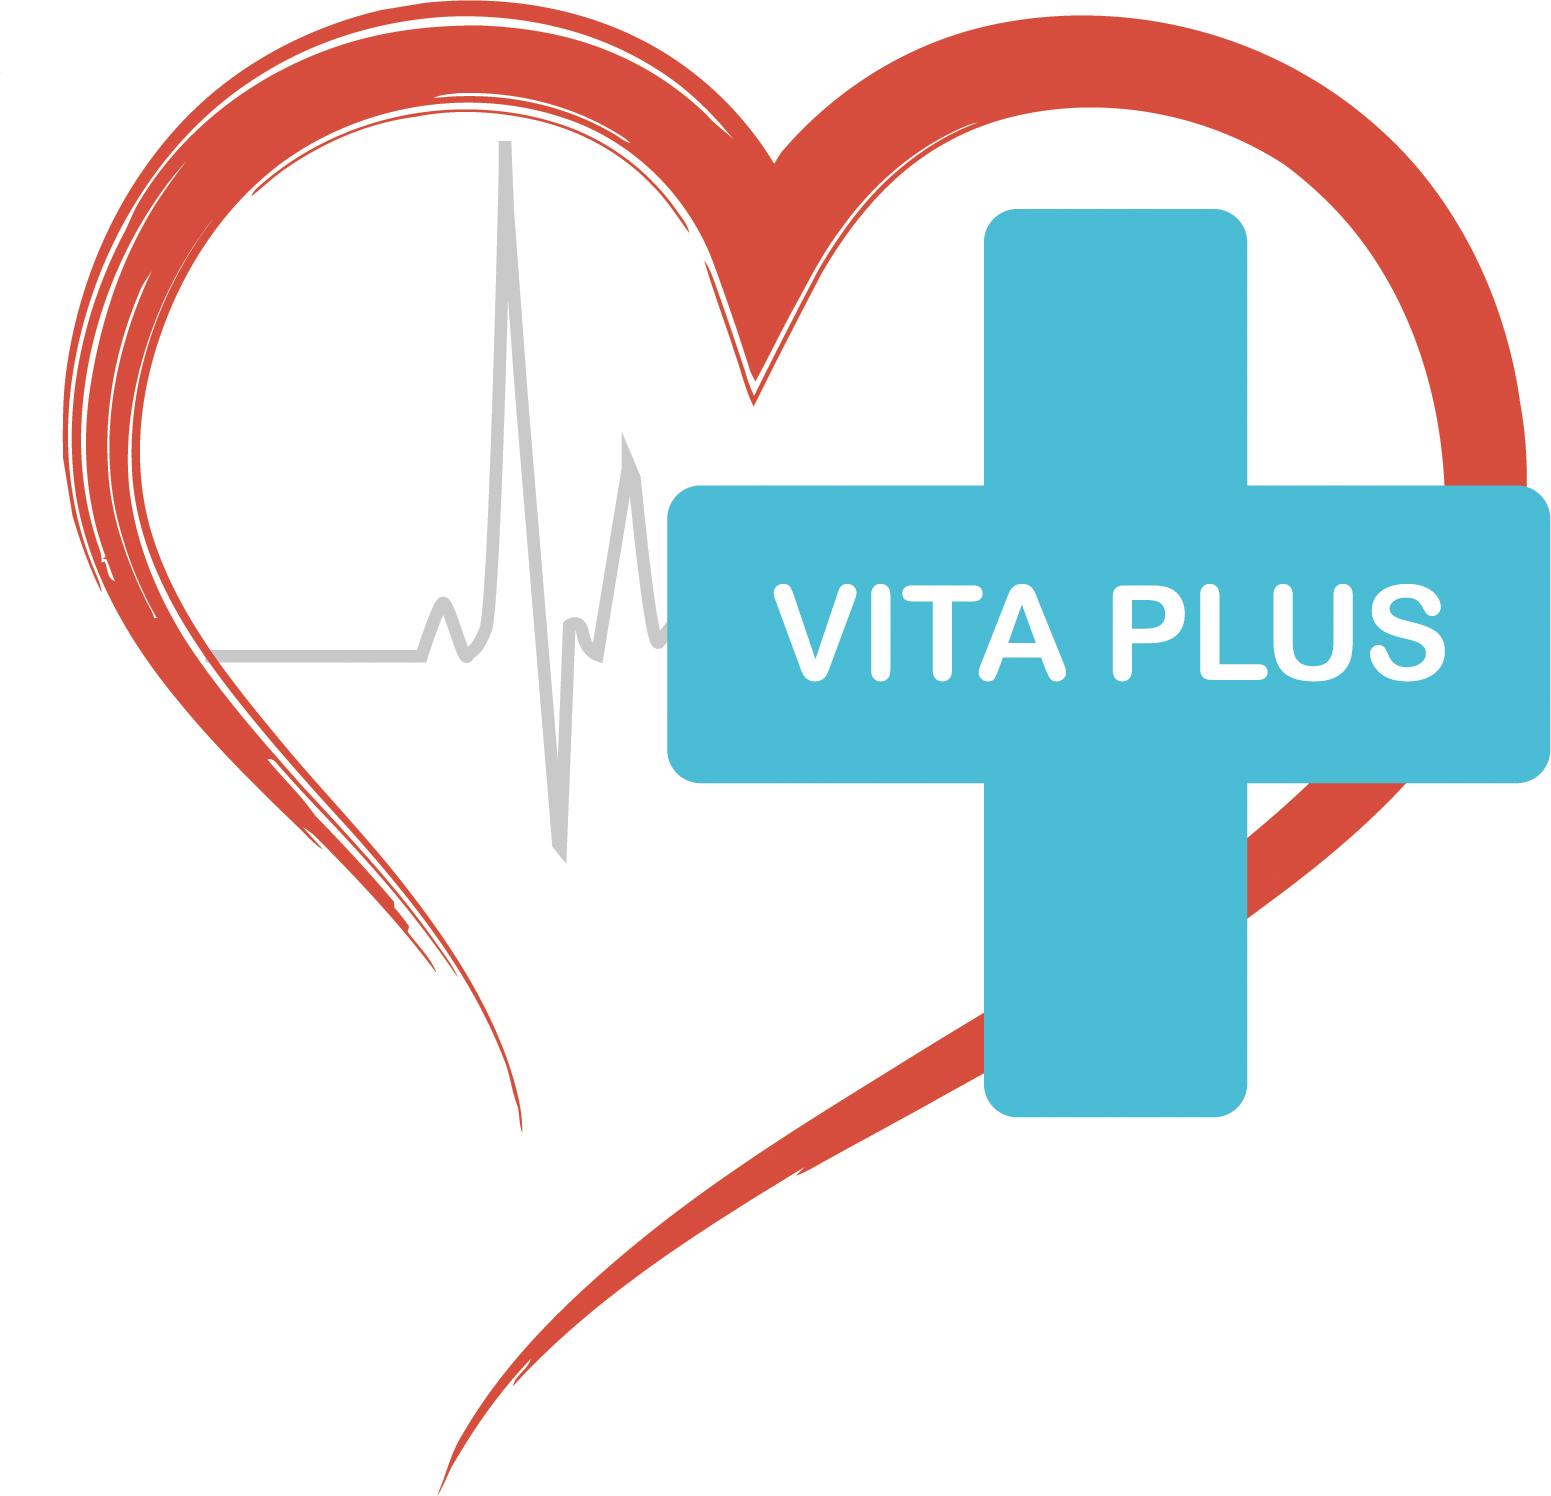 Vita Plus Clinic